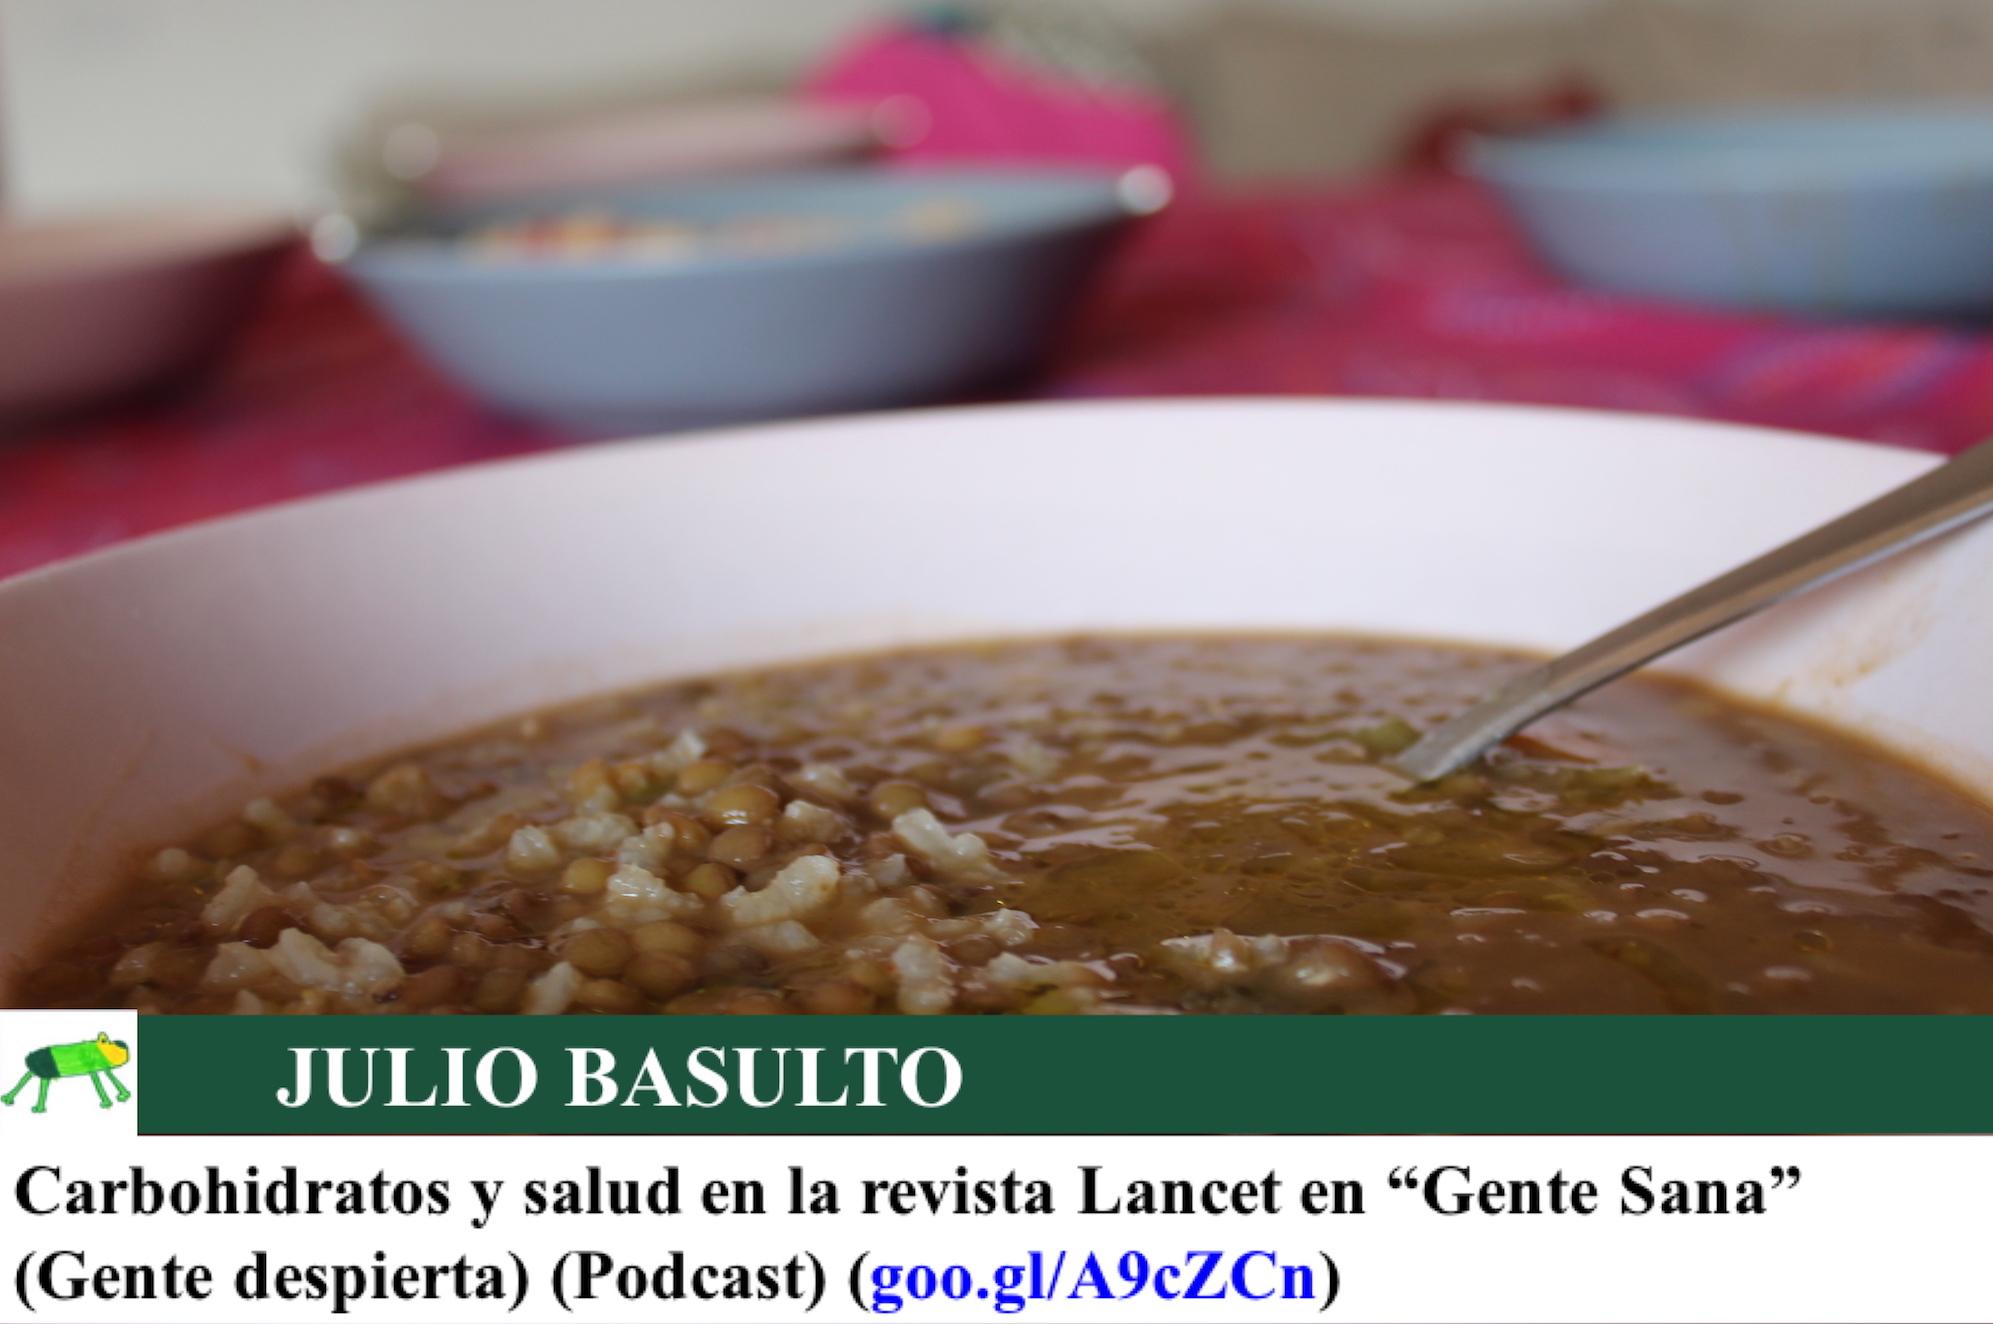 """Carbohidratos y salud en la revista Lancet en """"Gente Sana"""" (Gente despierta) (Podcast)"""